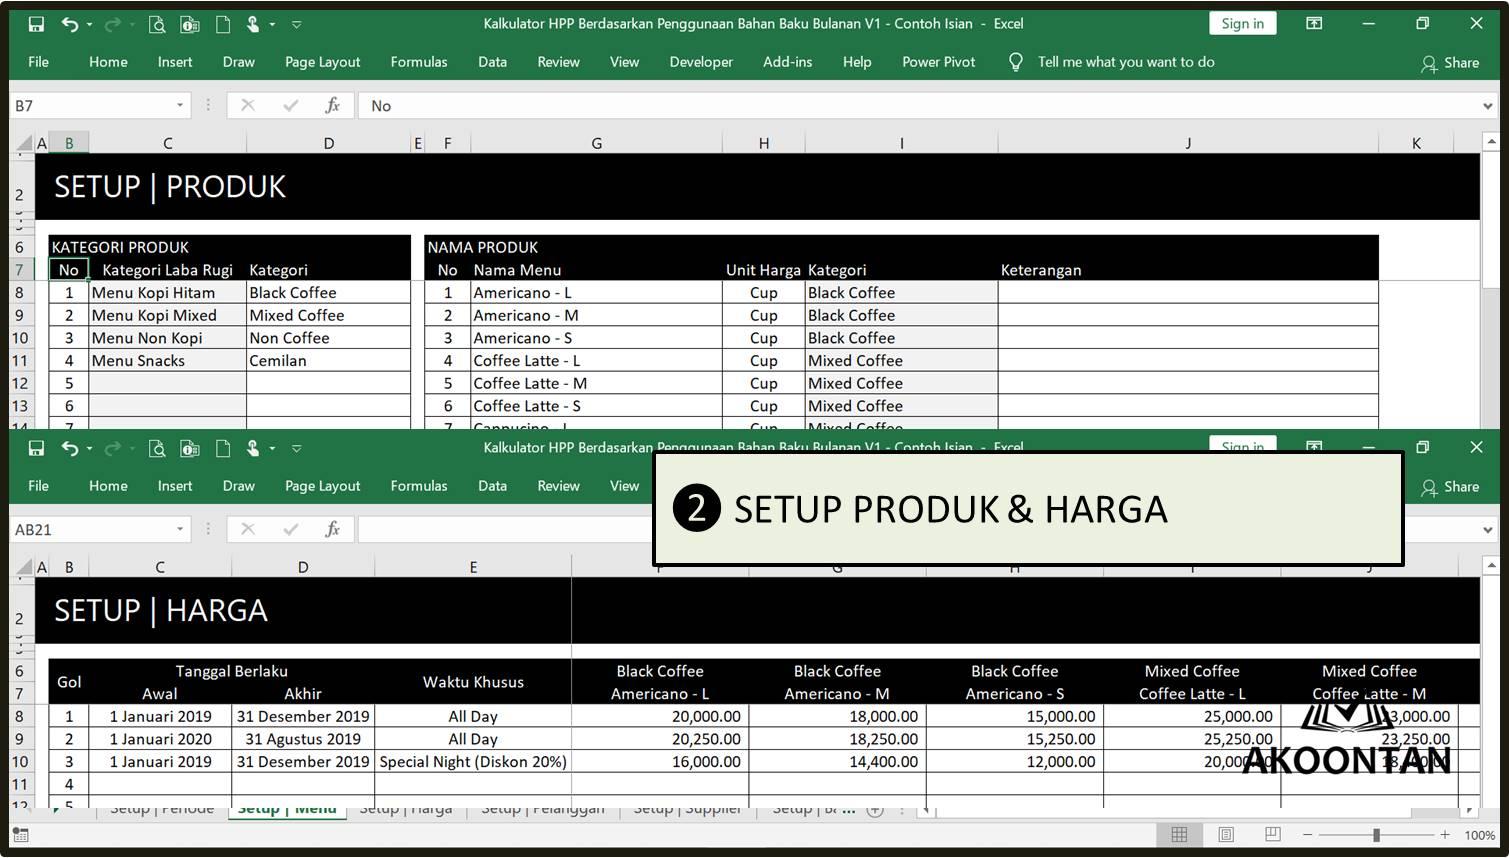 HPP Usaha Manufaktur - Setup Produk